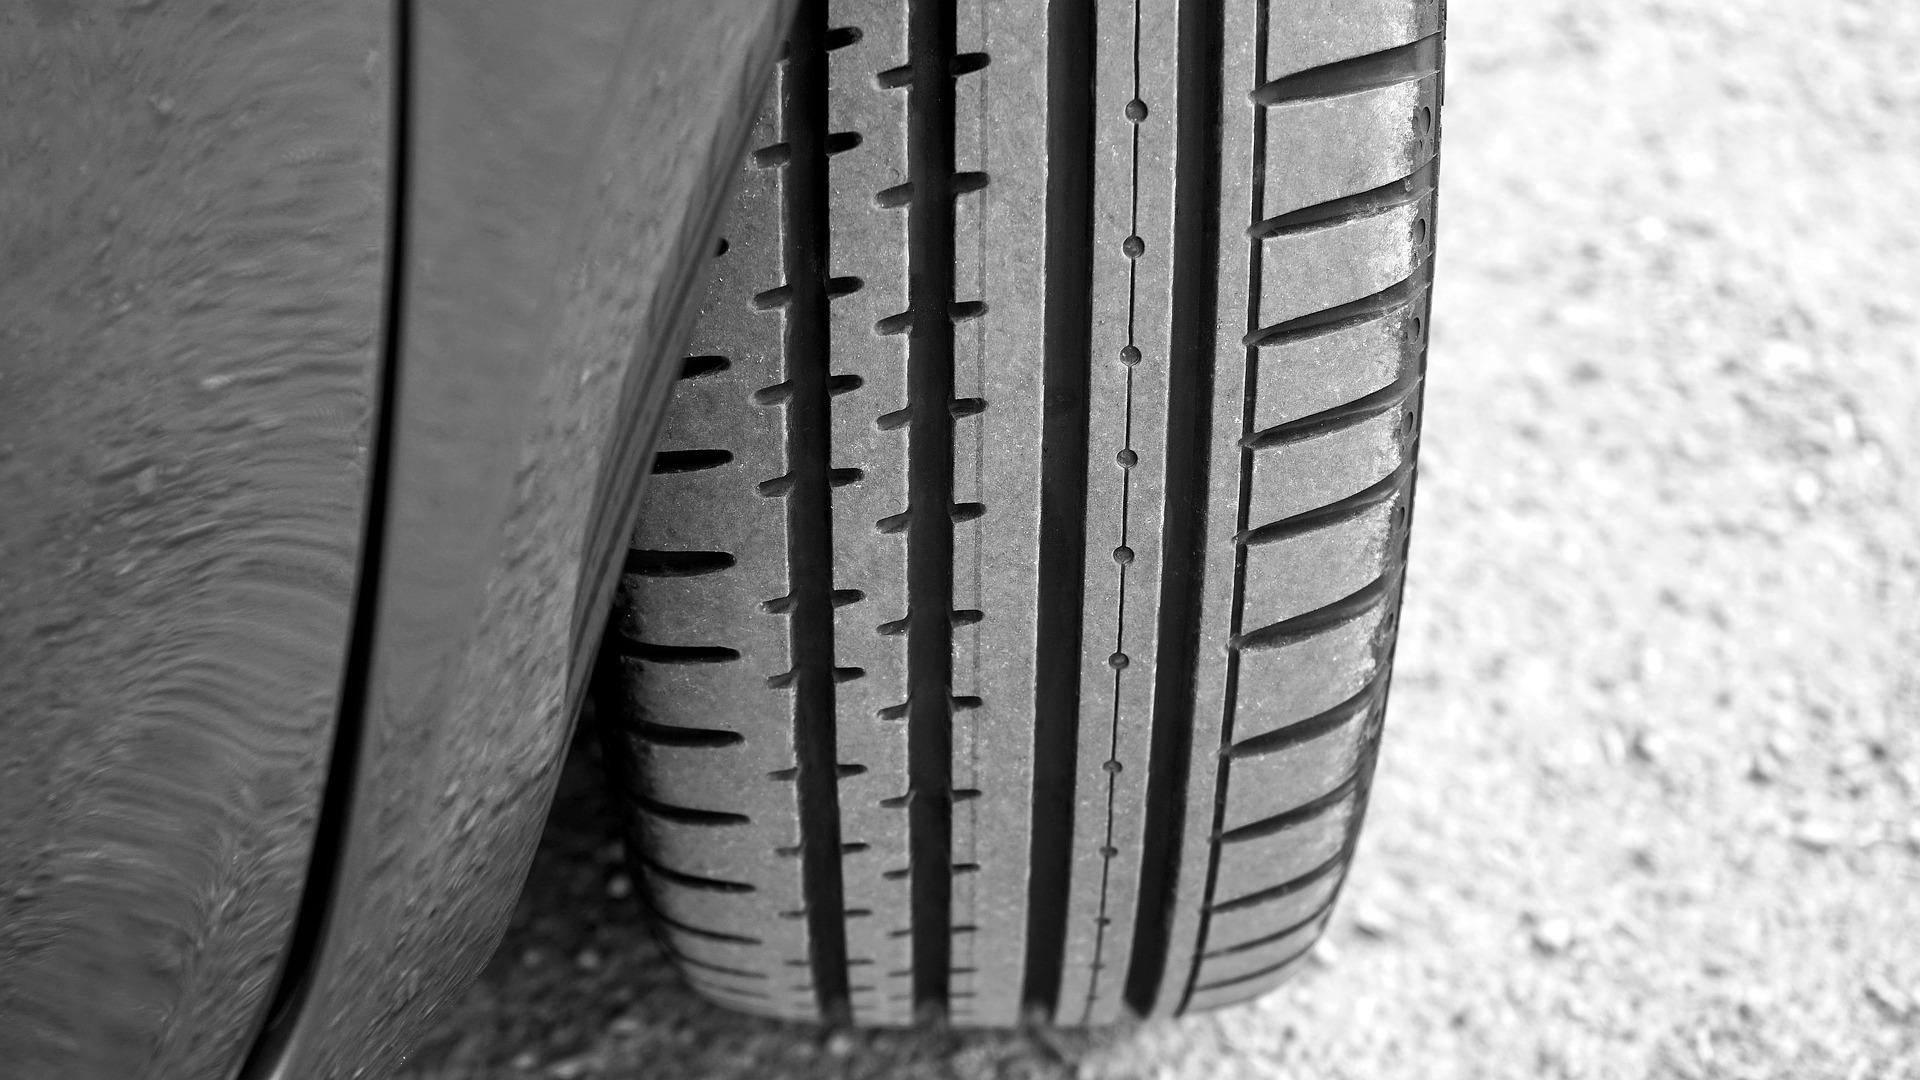 Comment bien choisir ses pneus tout au long de l'année ?